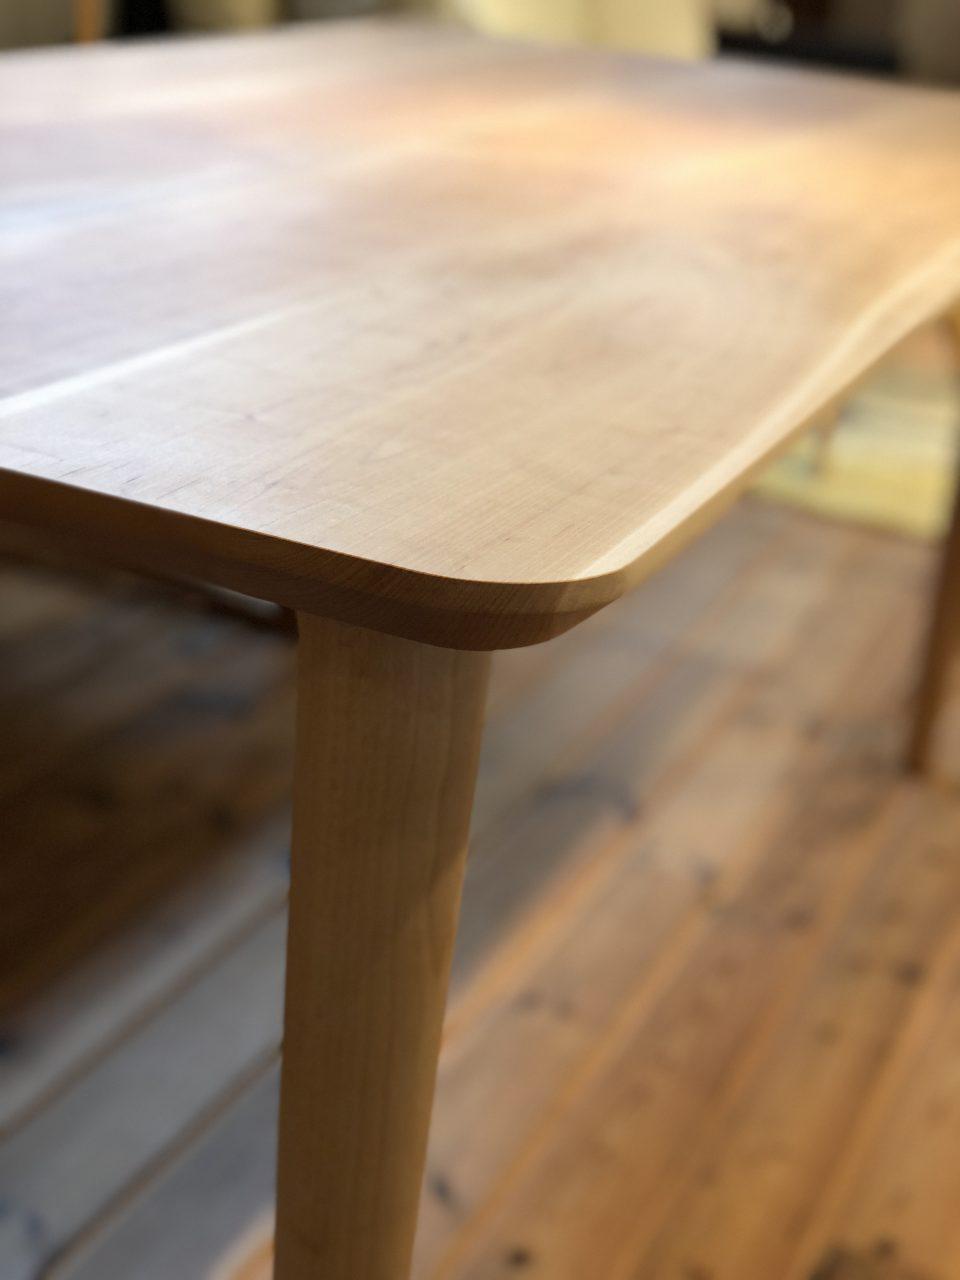 山桜の天板の面形状も船底面で軽さと柔らかさを演出してくれる山桜の無垢板ダイニングテーブルです